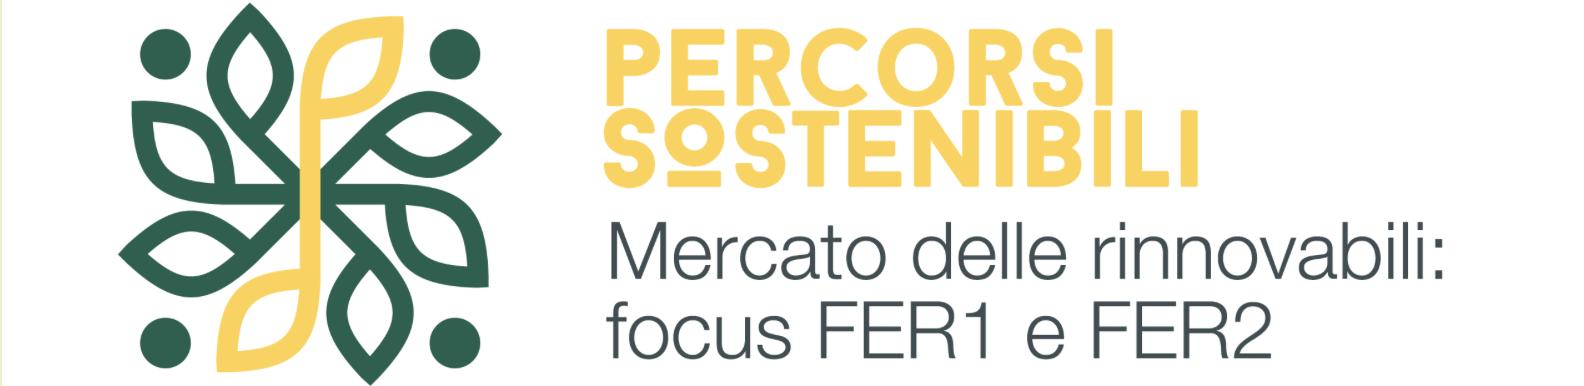 Percorsi Sostenibili – Mercato delle rinnovabili: focus FER1 e FER2,